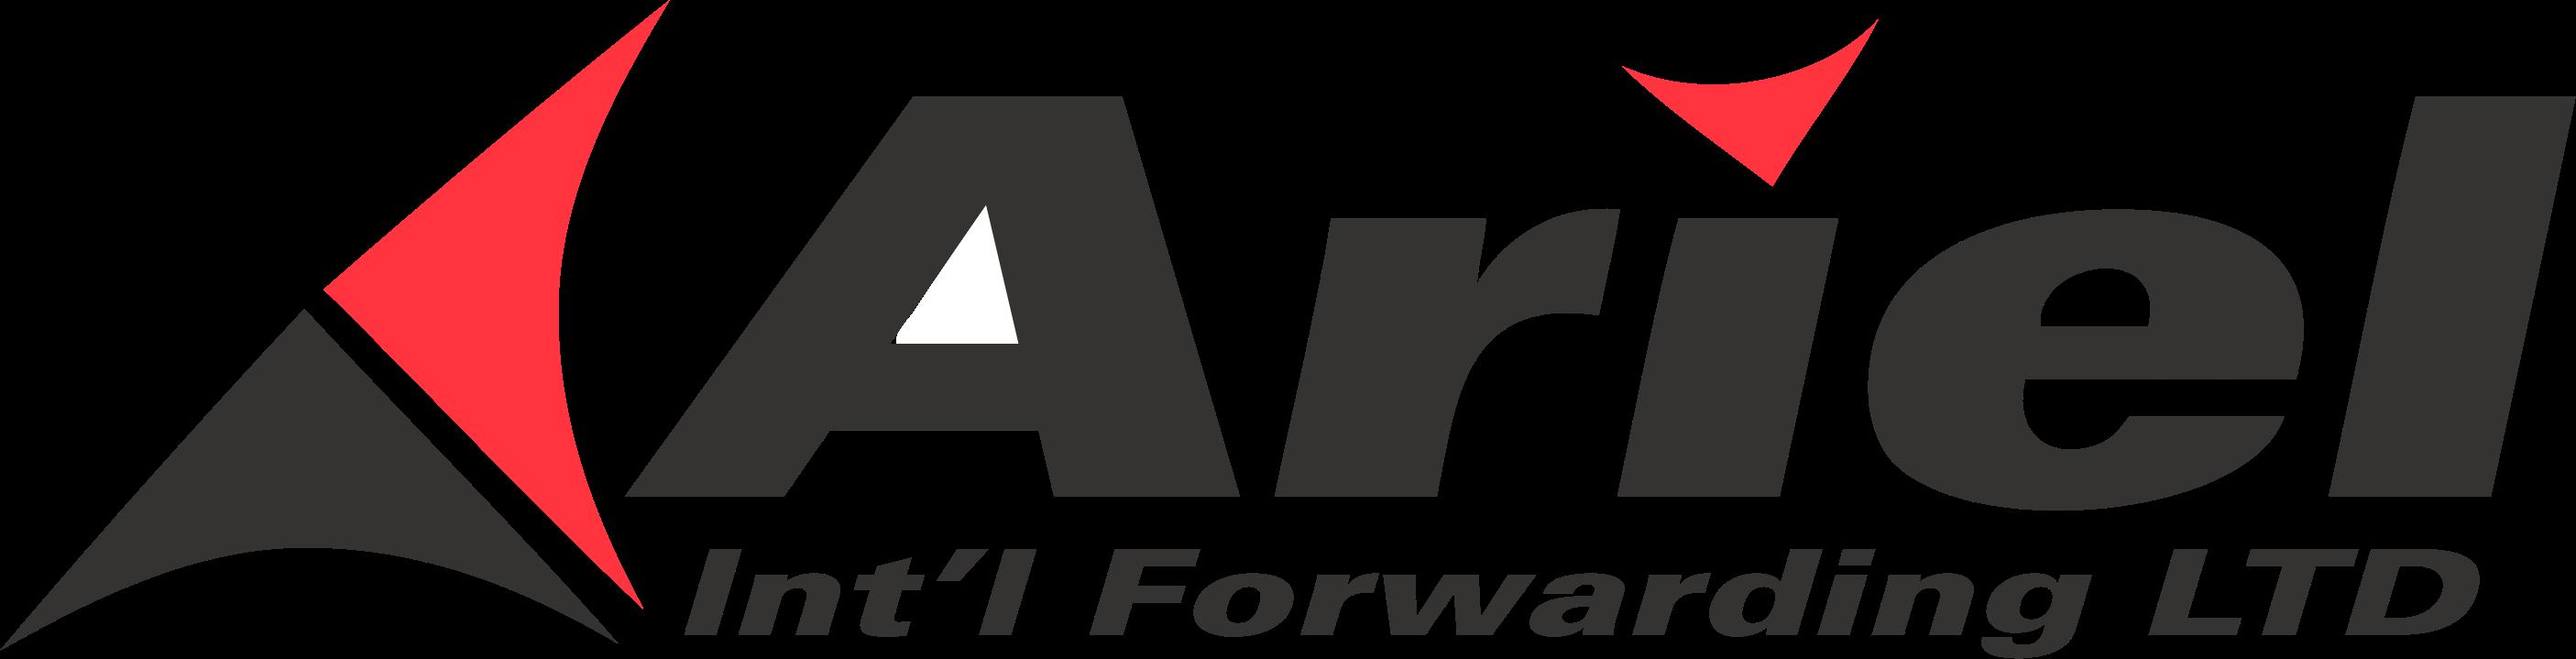 Ari-el